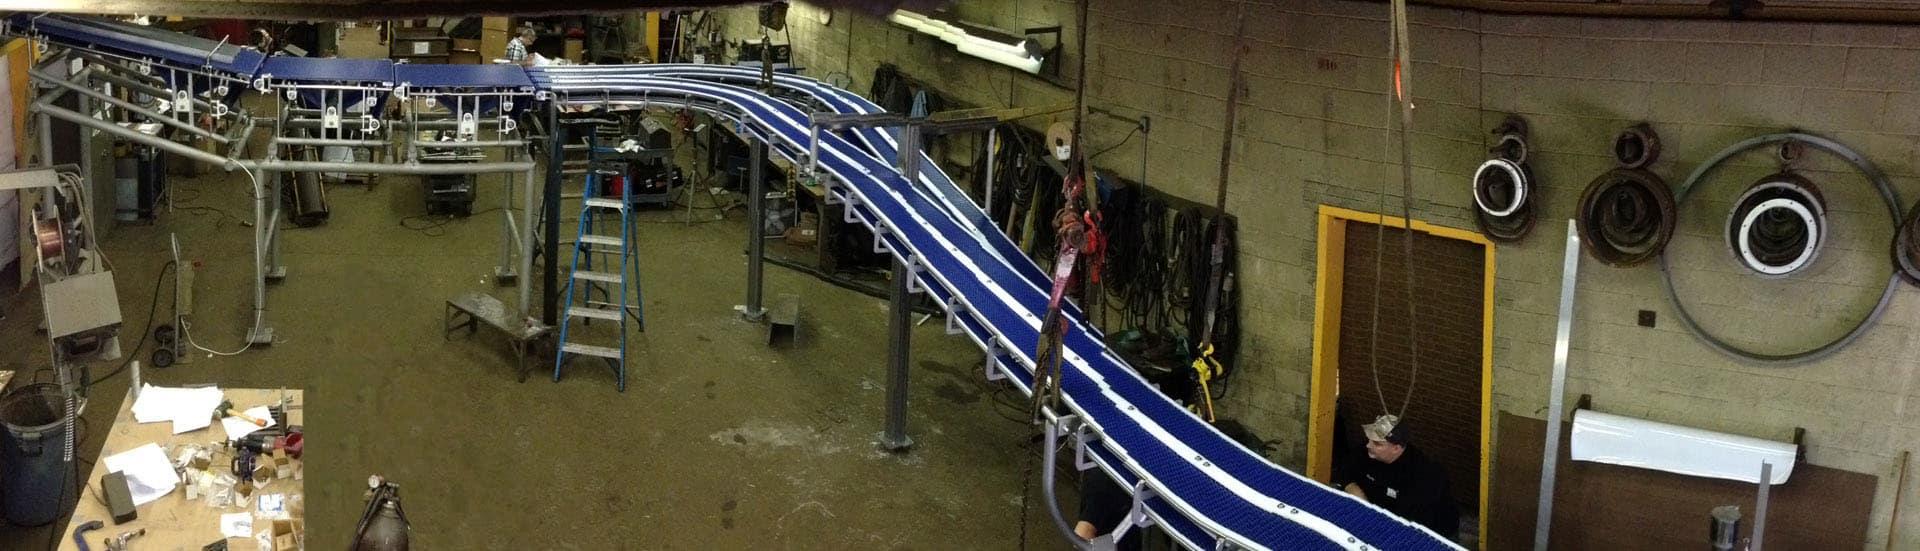 manufacturing service in West MI